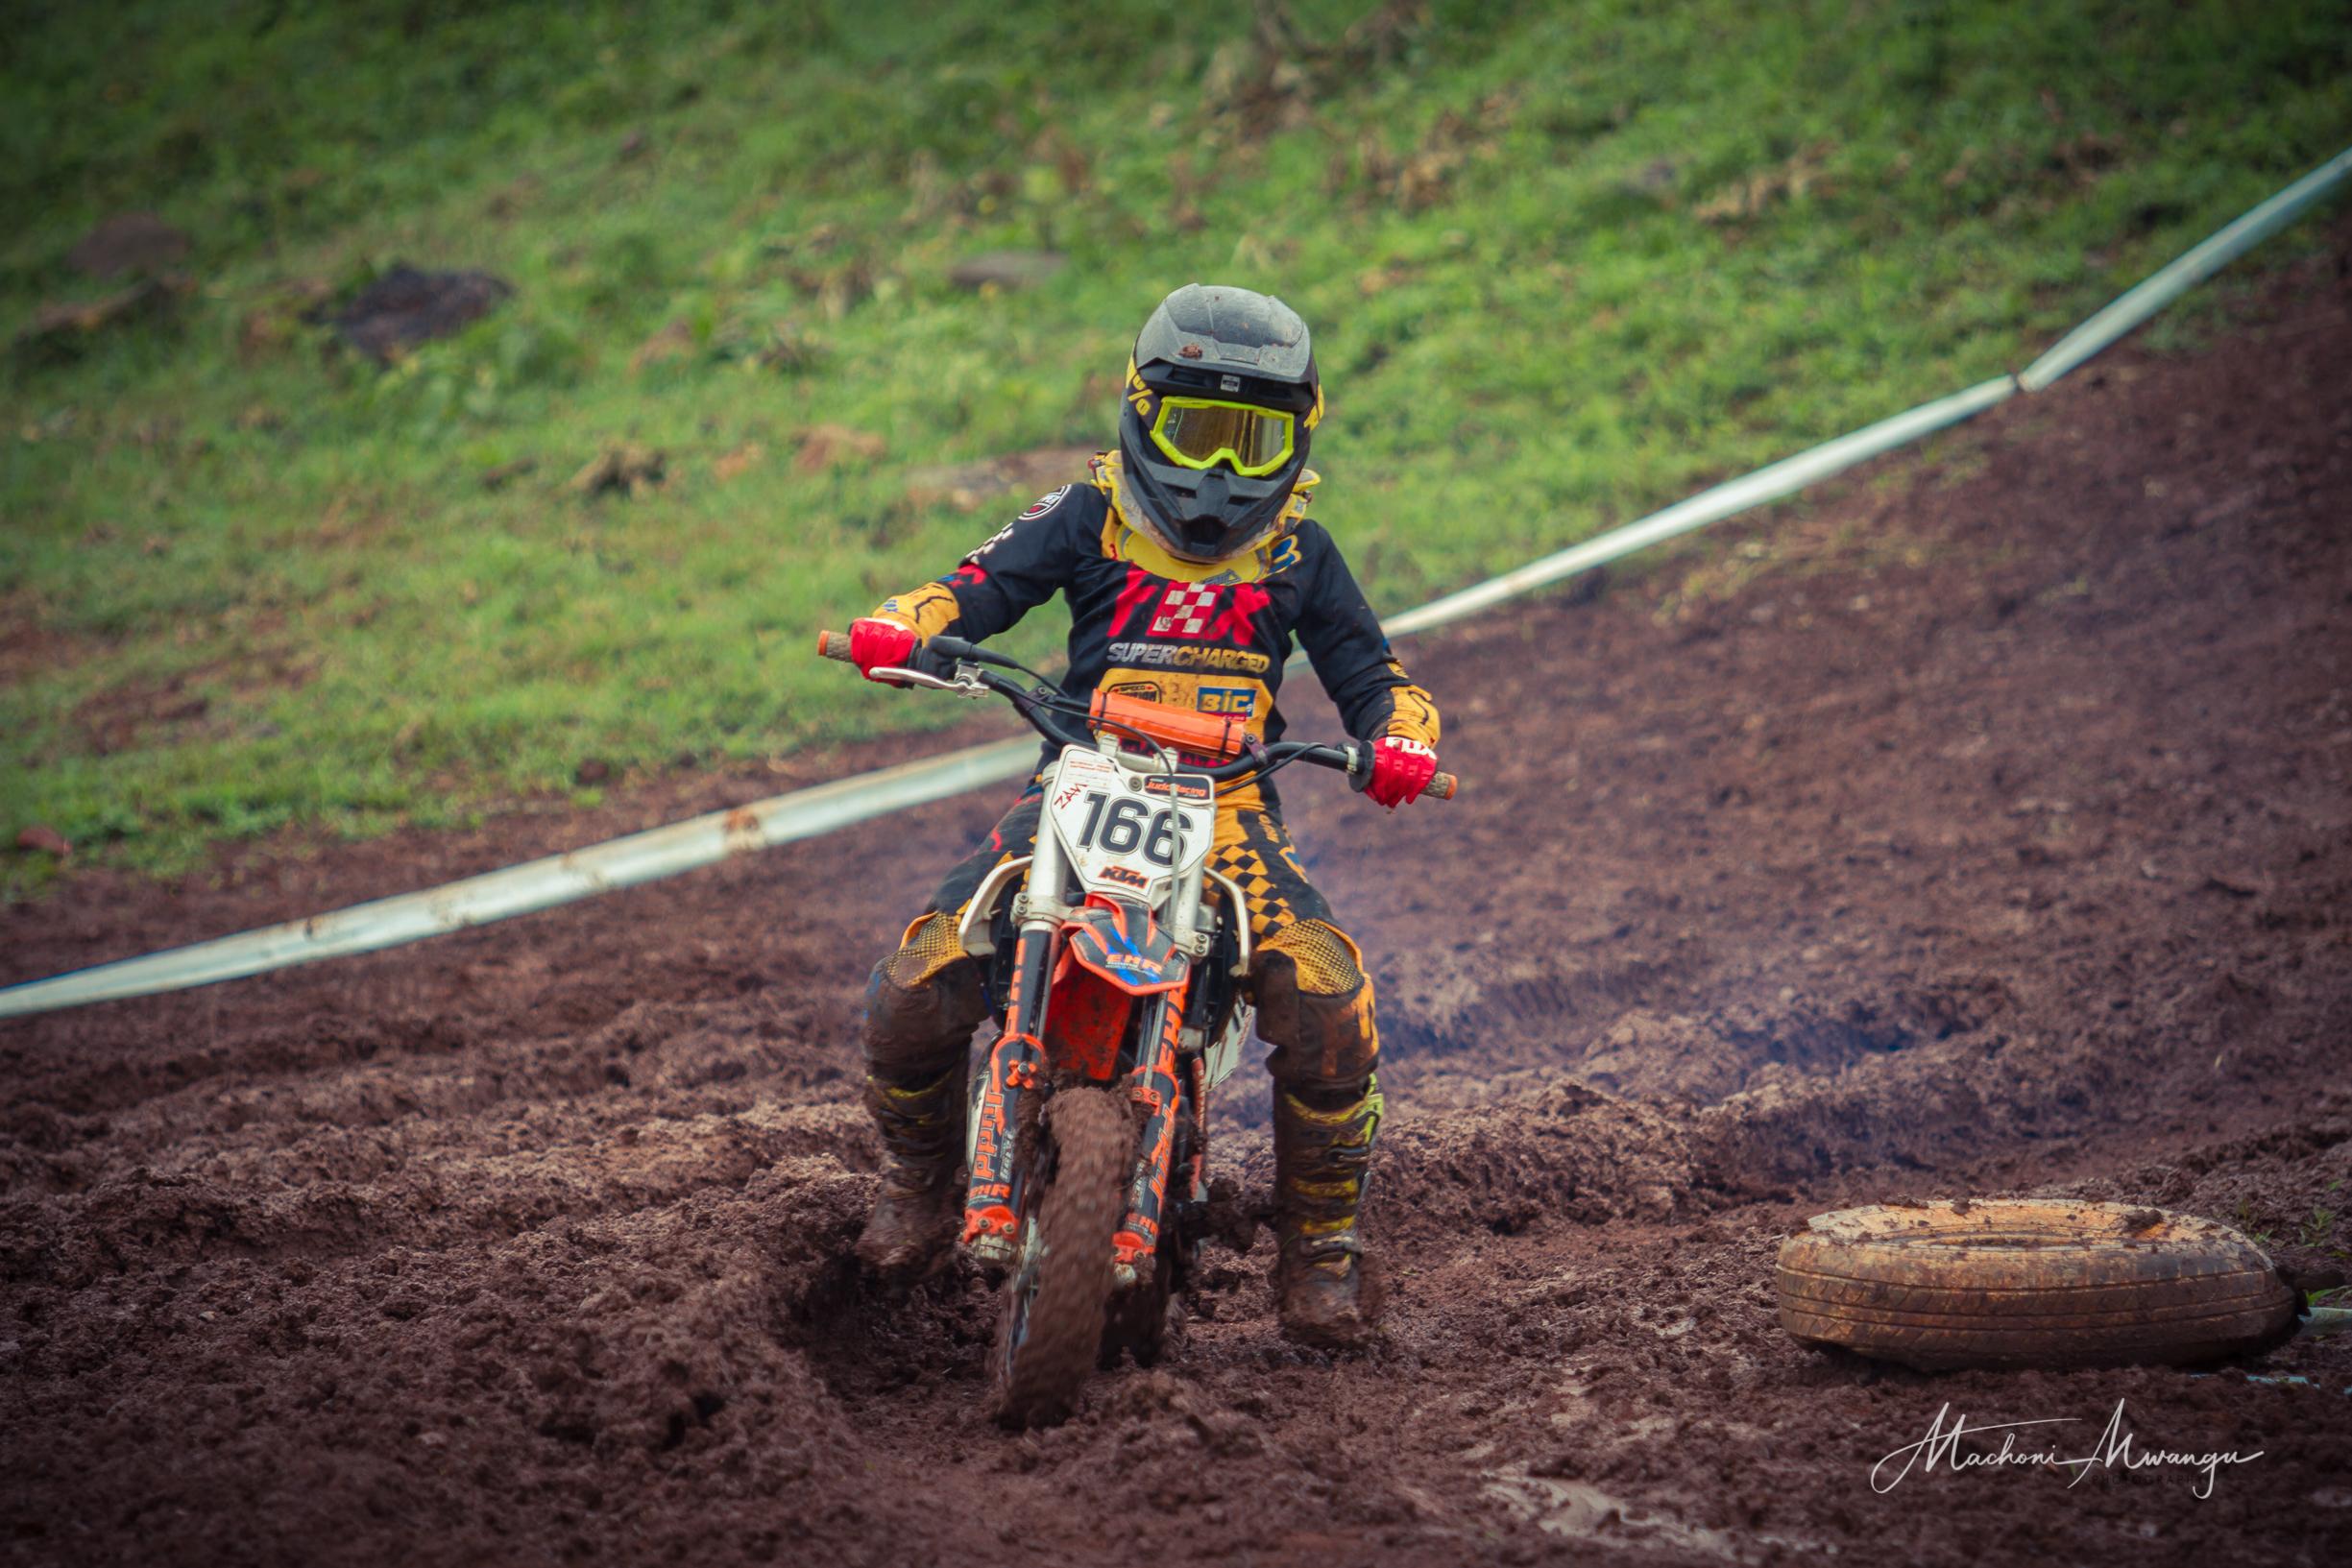 Motocross 166-1.jpg